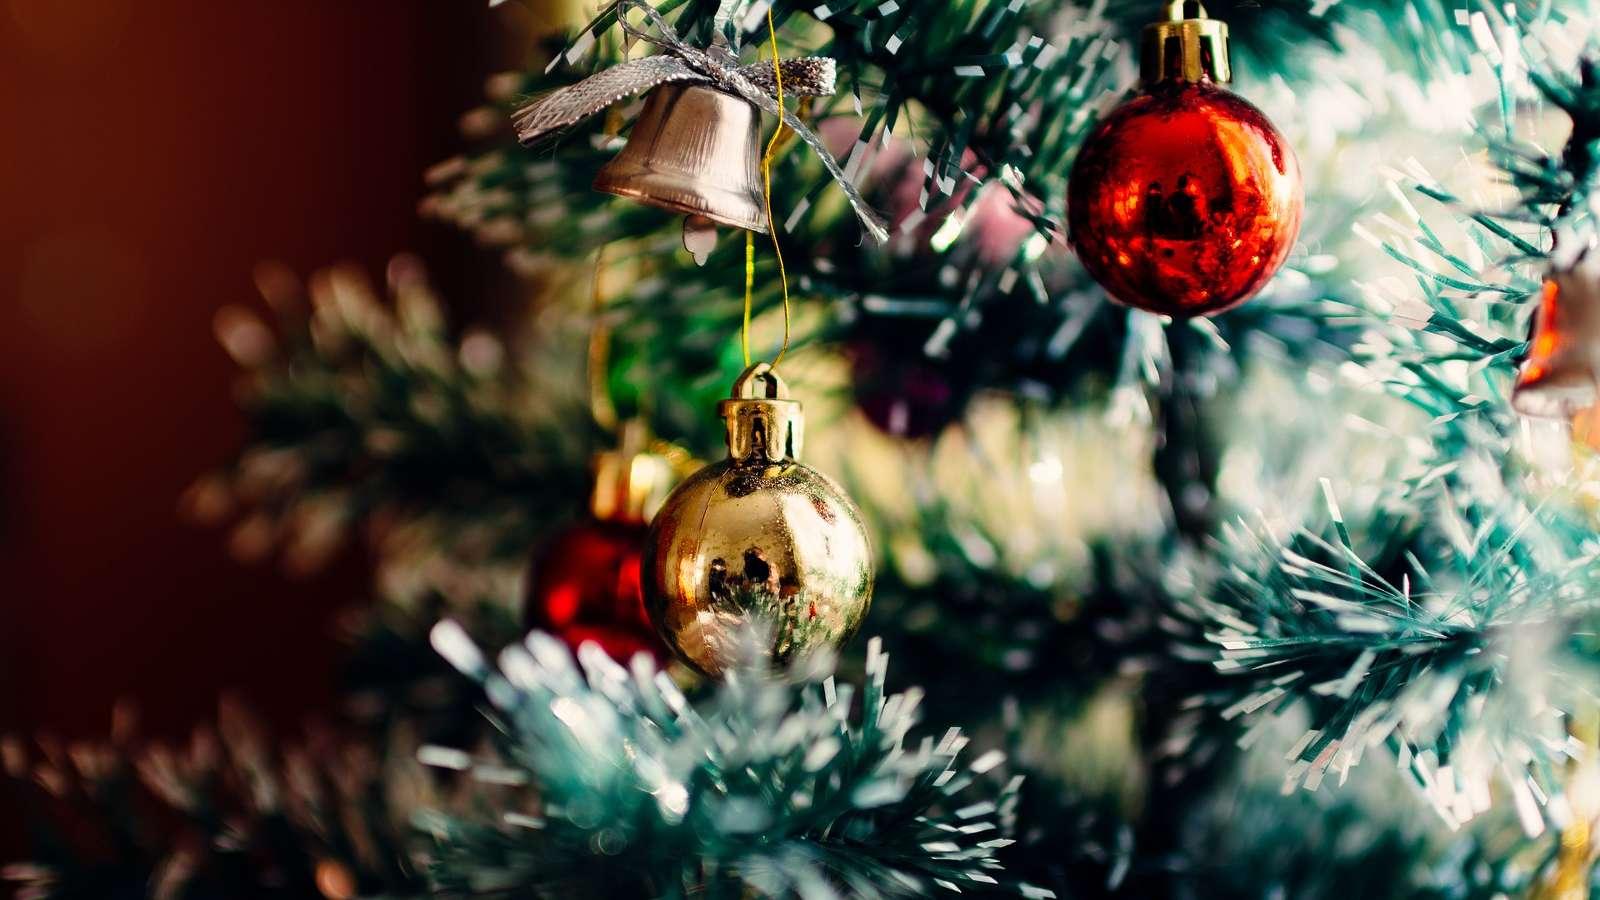 Ist Weihnachten das Fest der Umweltsünde? | evidero